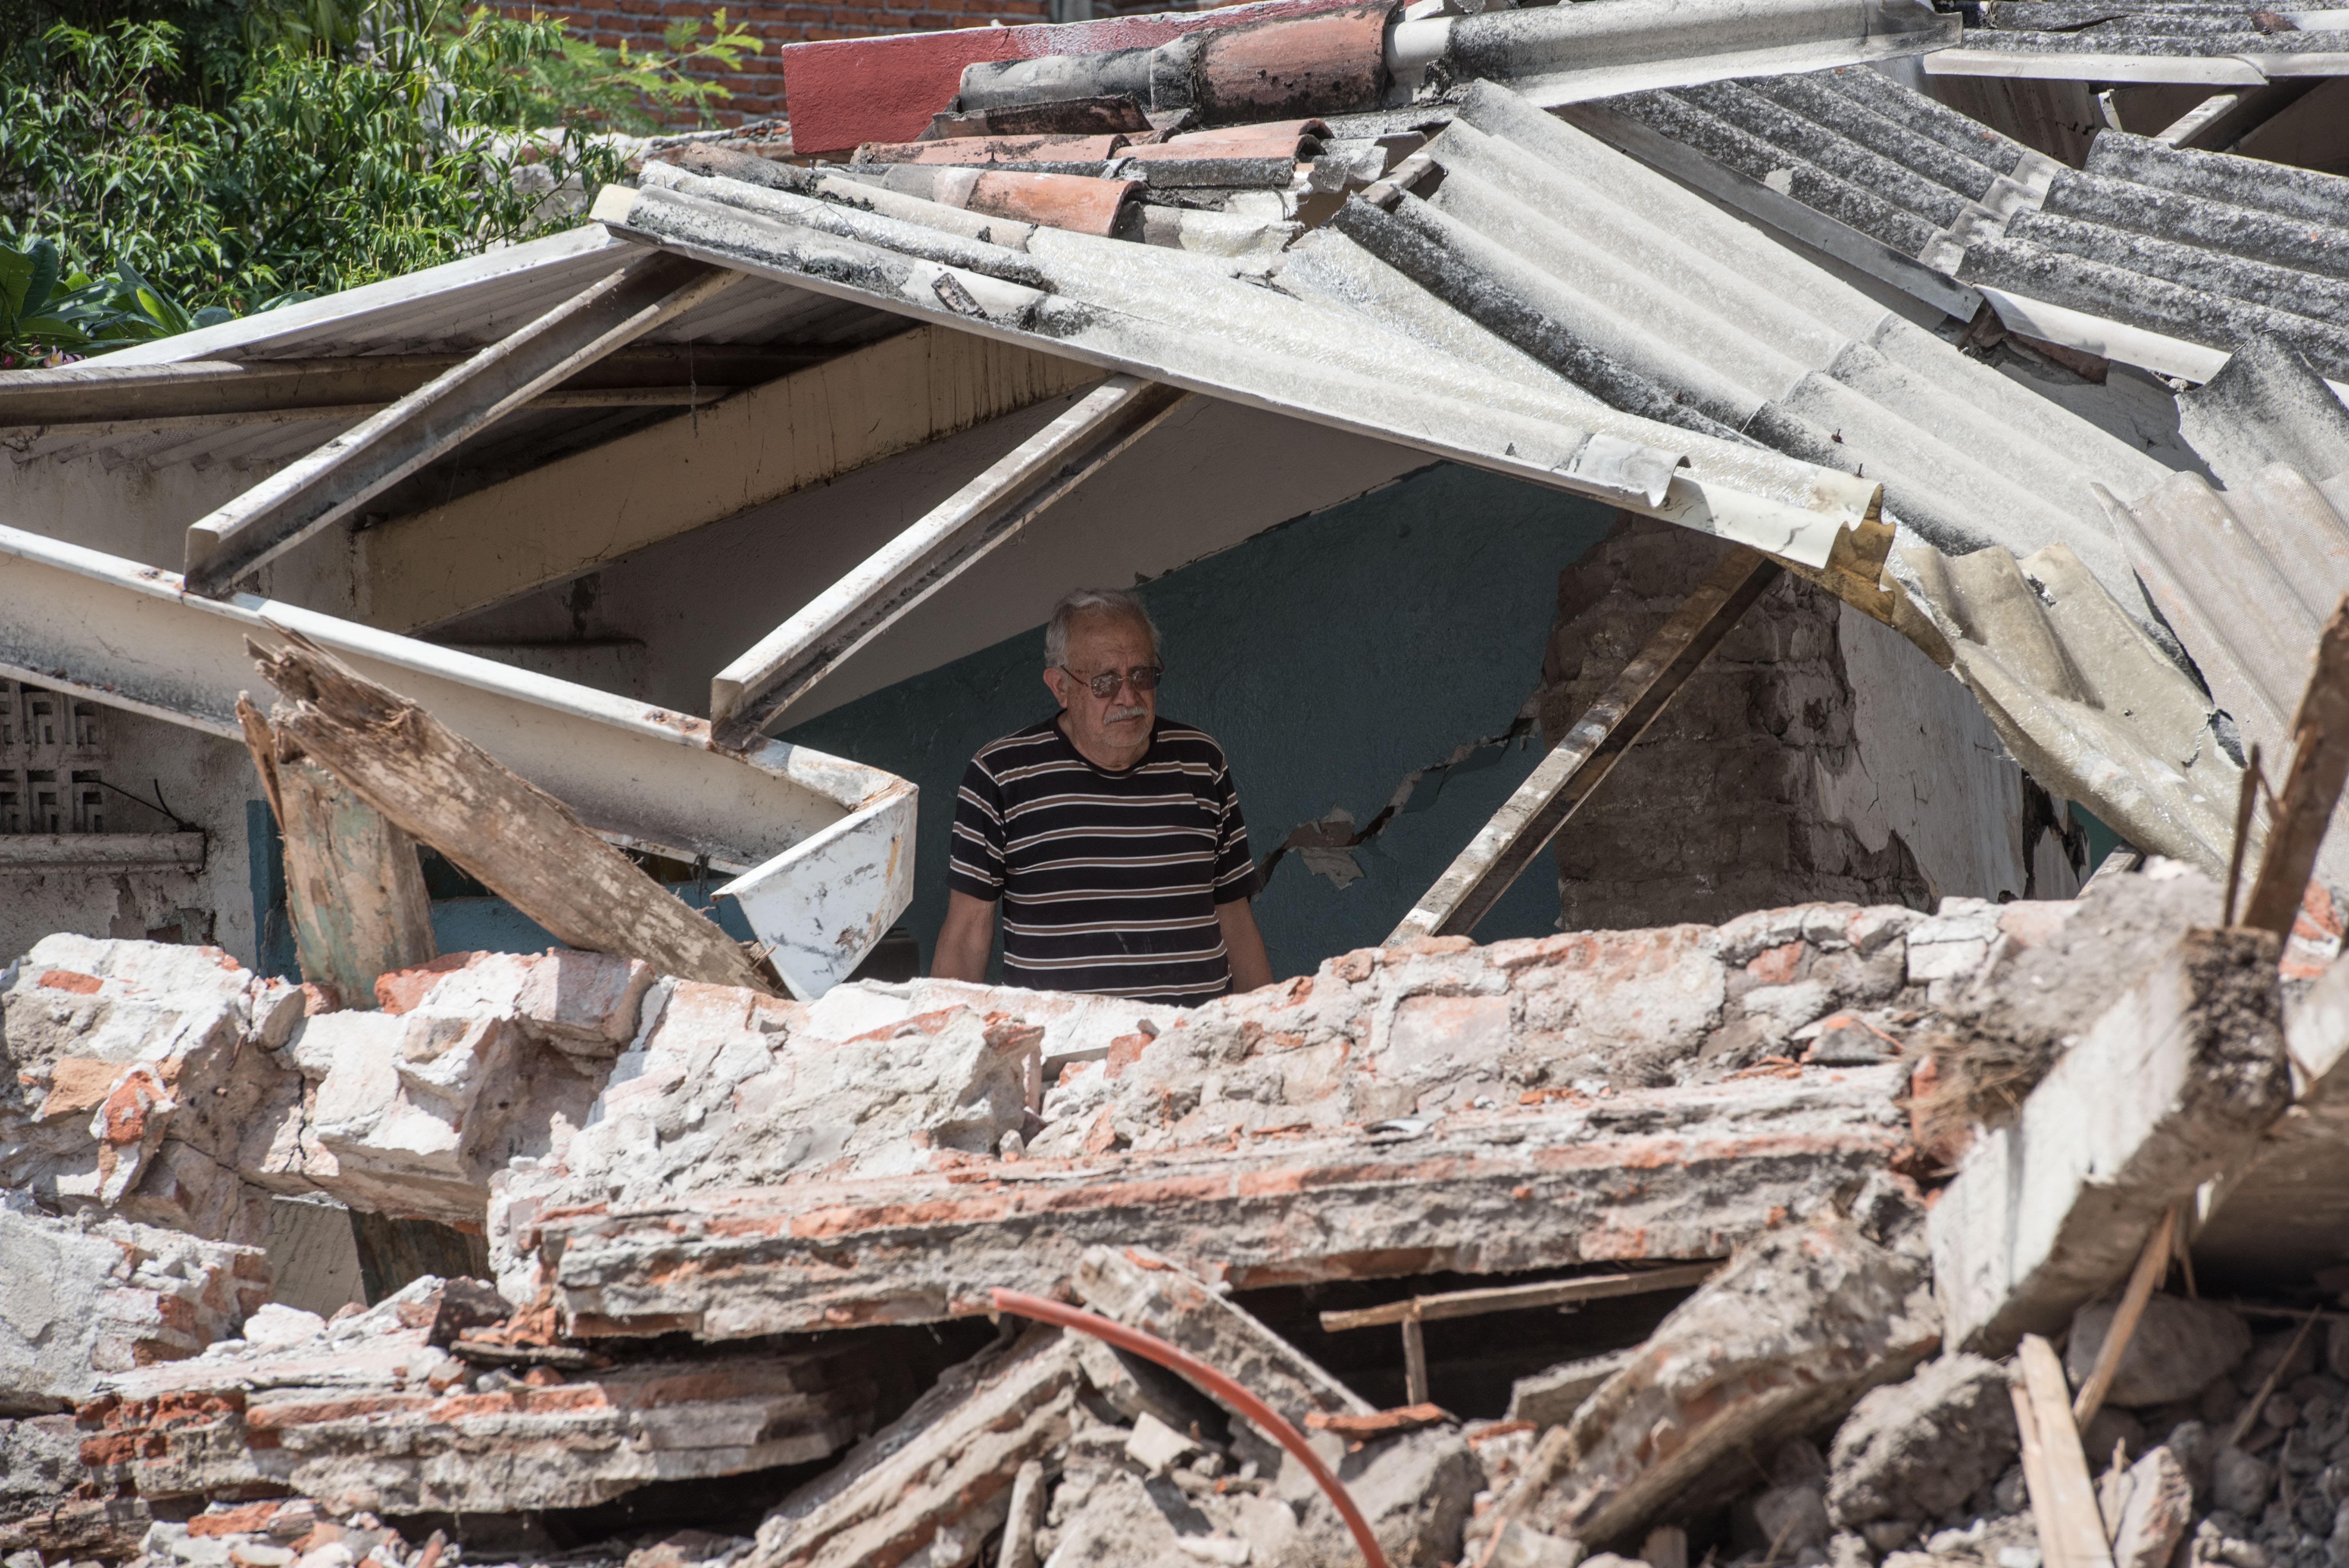 Aspectos de los derrumbes del sismo en Jojutla, Morelos. 27 de septiembre de 2017.